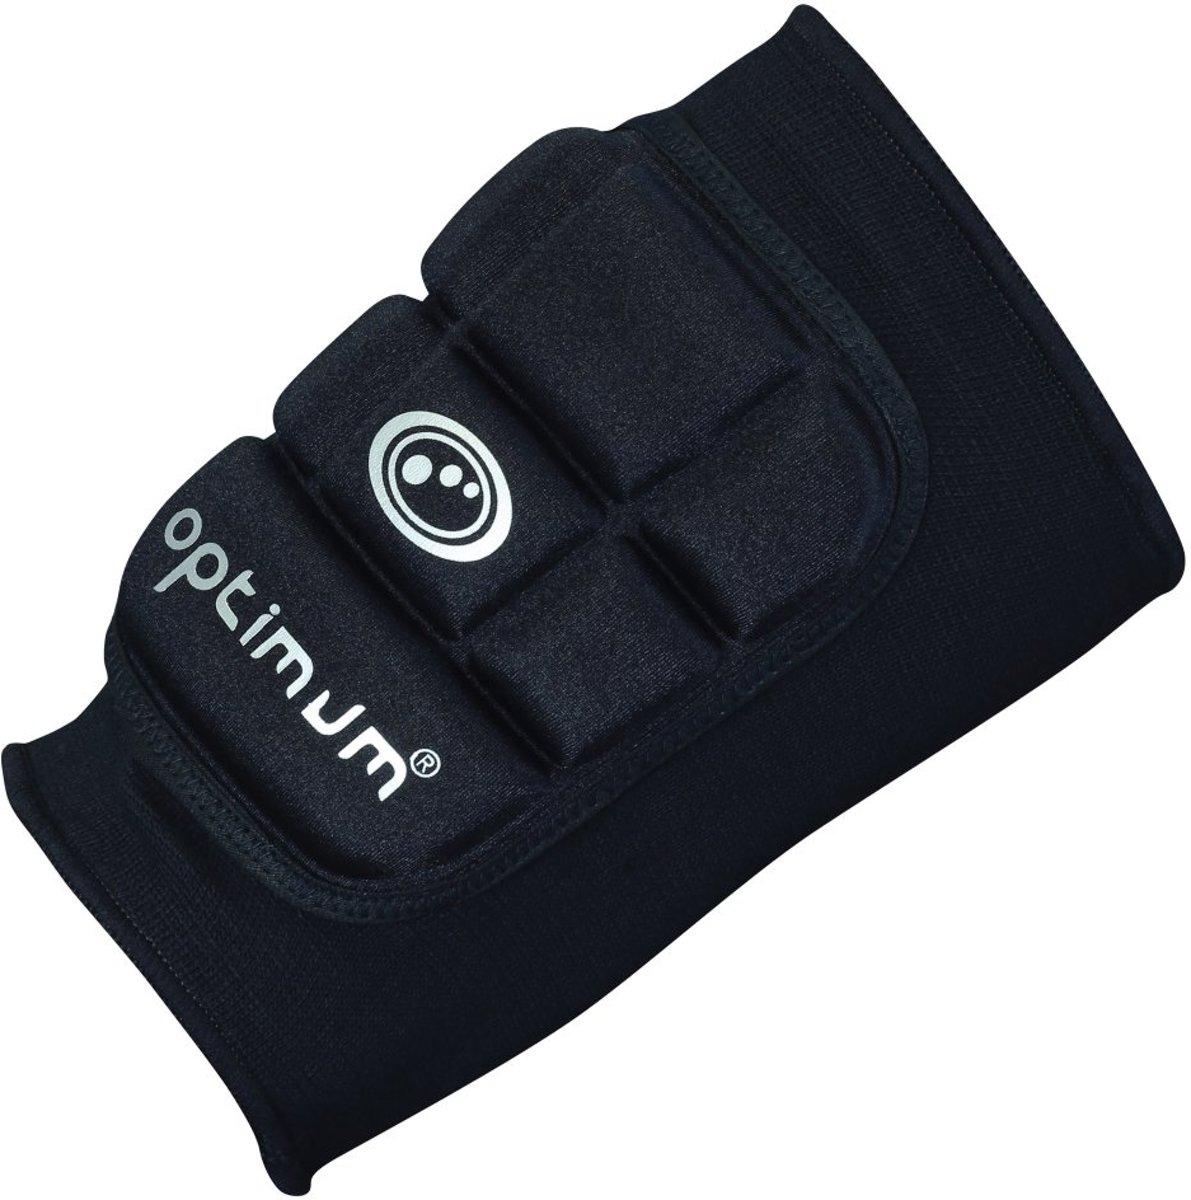 Optimum Biceps bescherming - maat S kopen